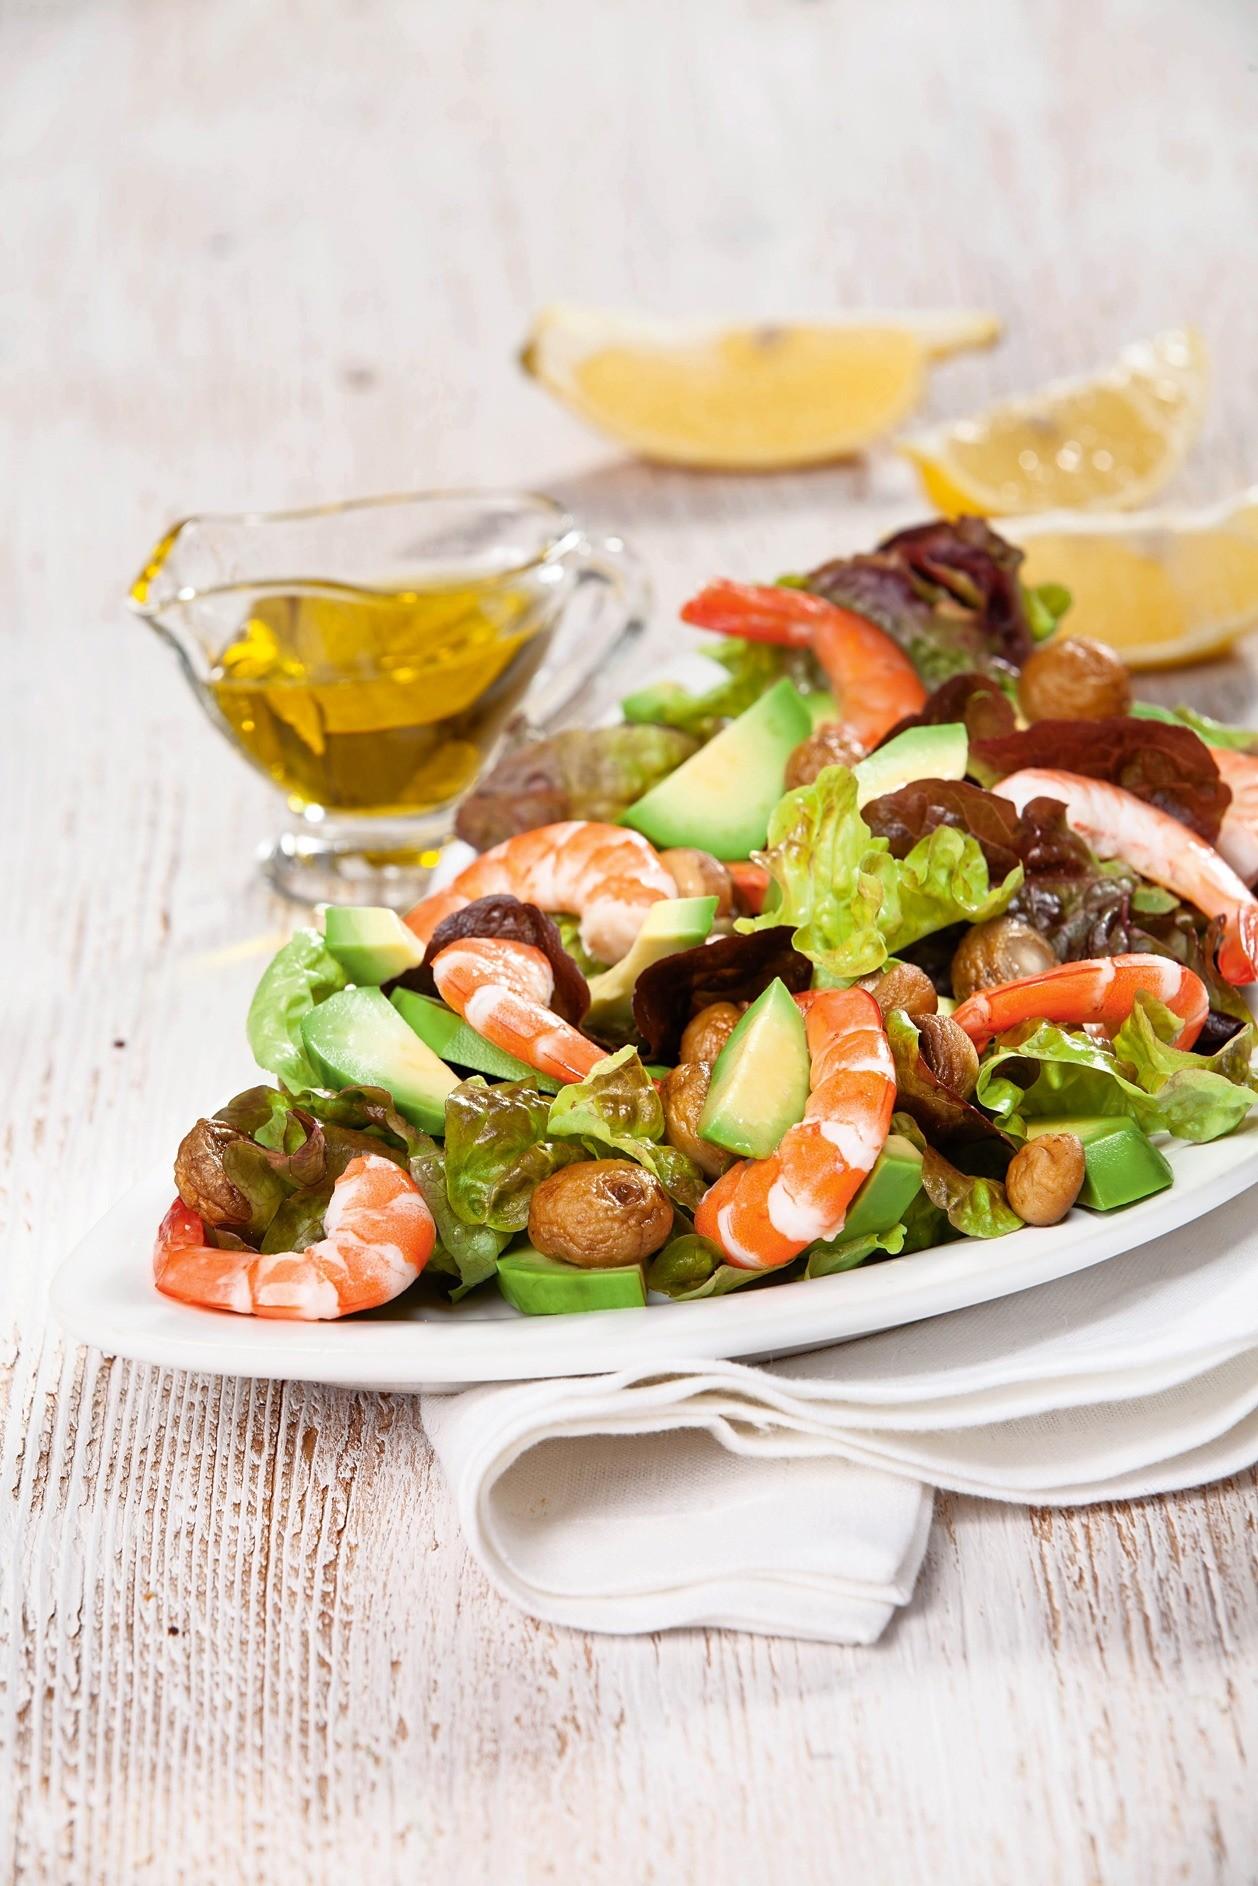 Ужин с пользой: рецепт салата с авокадо и креветками